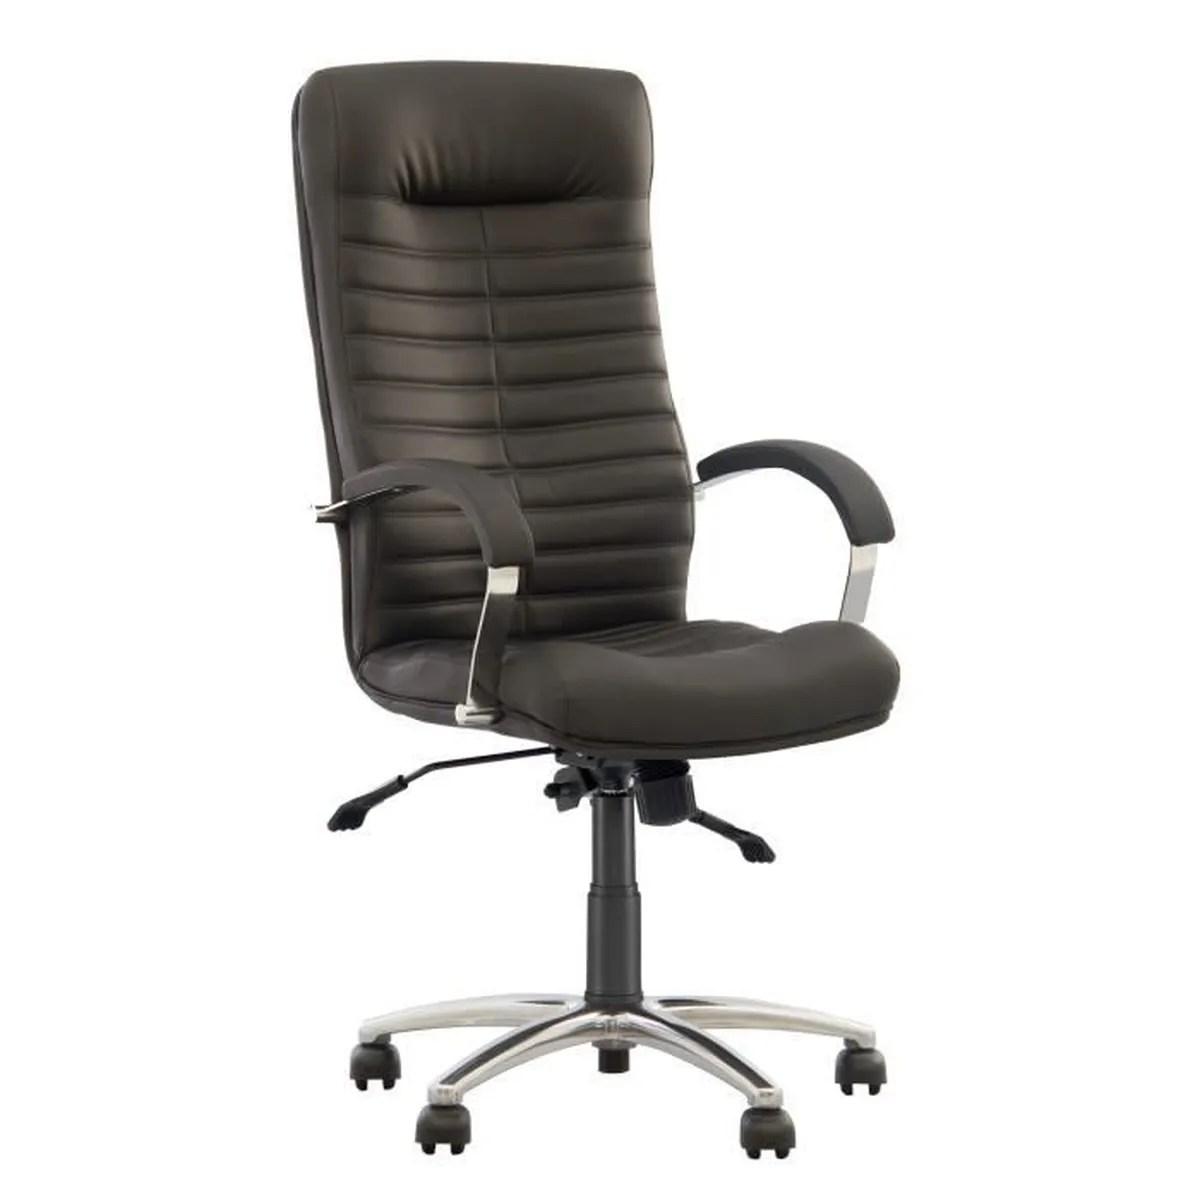 orion fauteuil de direction chaise de bureau professionnel ergonomique pivotant hauteur reglable